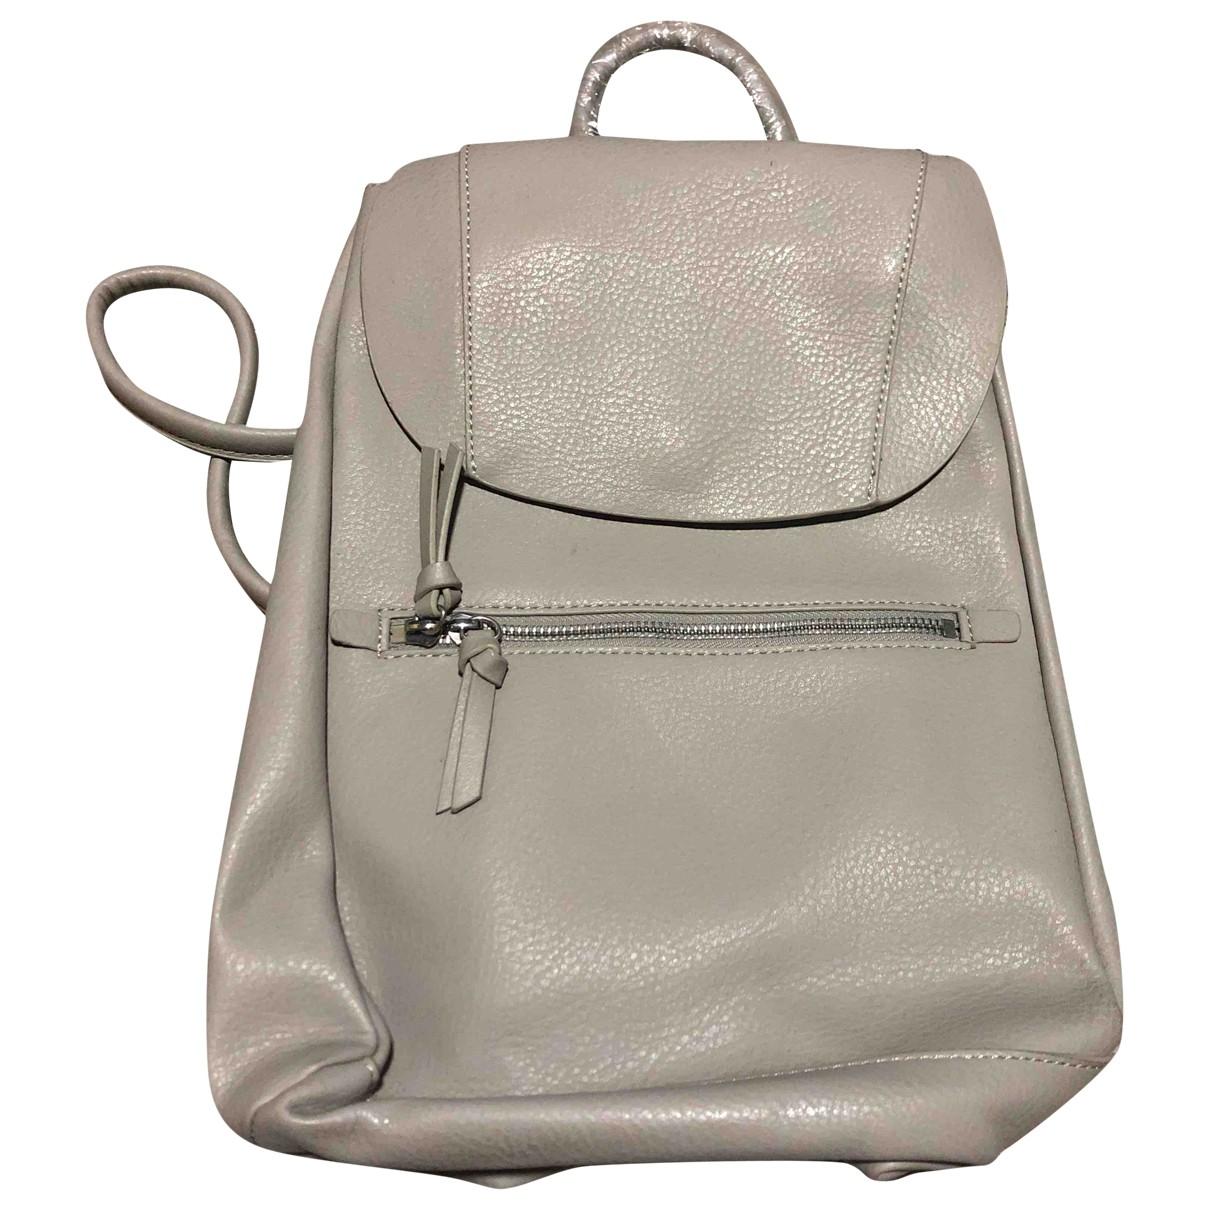 Zara \N Grey Leather backpack for Women \N